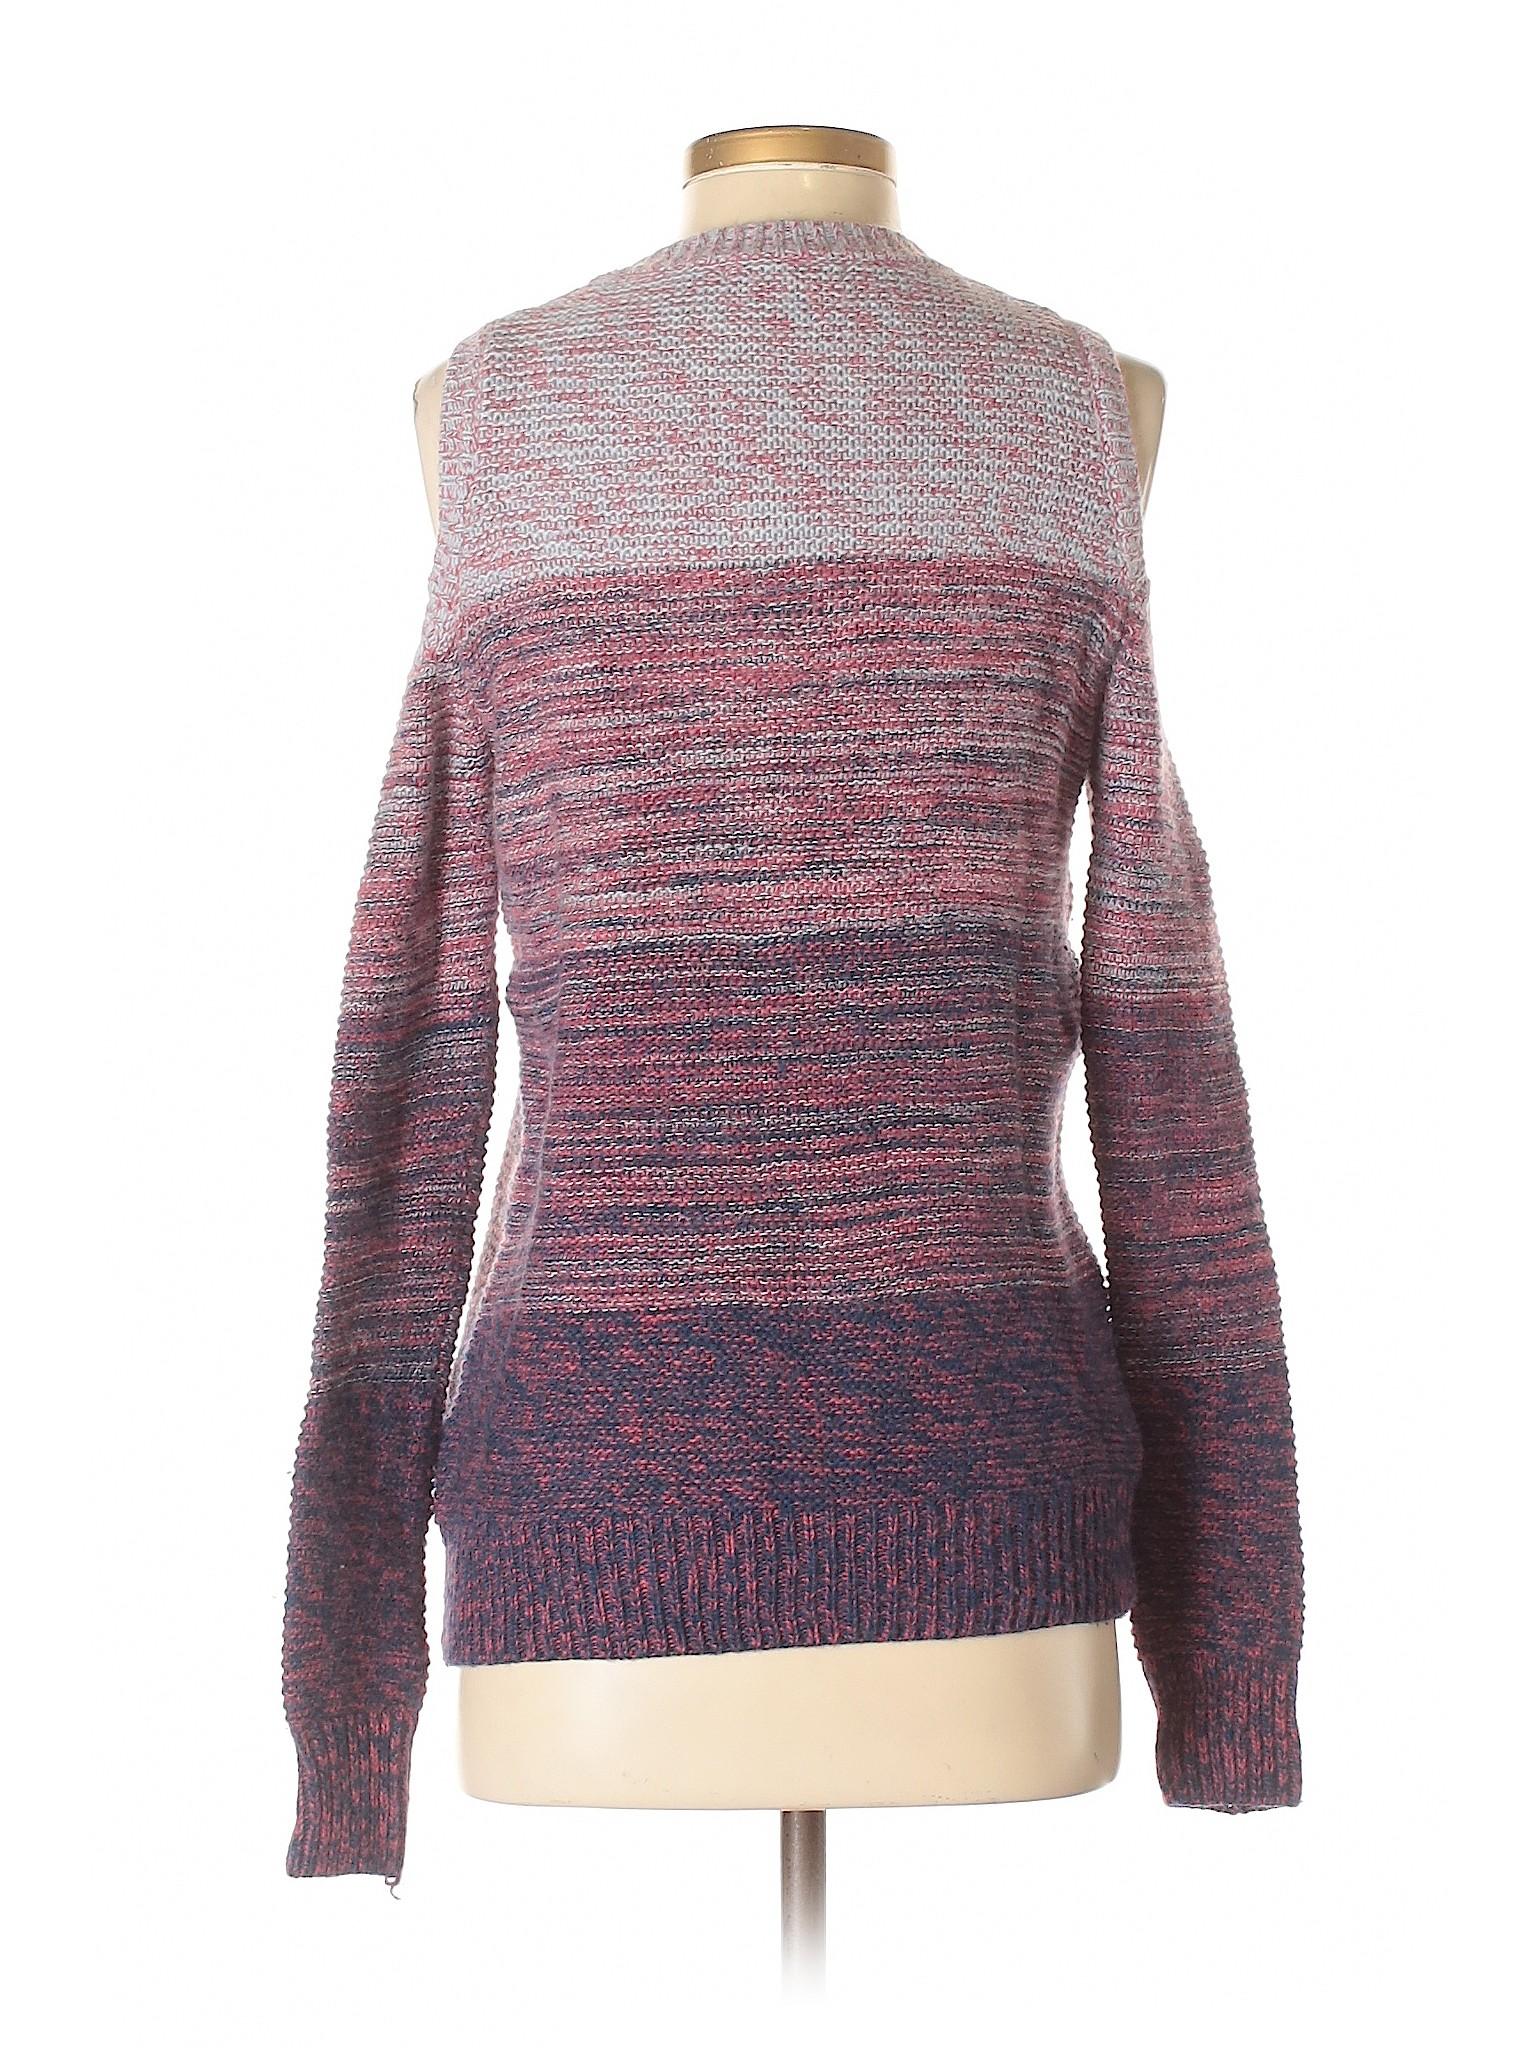 Boutique Sweater Boutique Rebecca Rebecca Minkoff Minkoff Sweater Pullover Boutique Rebecca Pullover ZPSxOwq